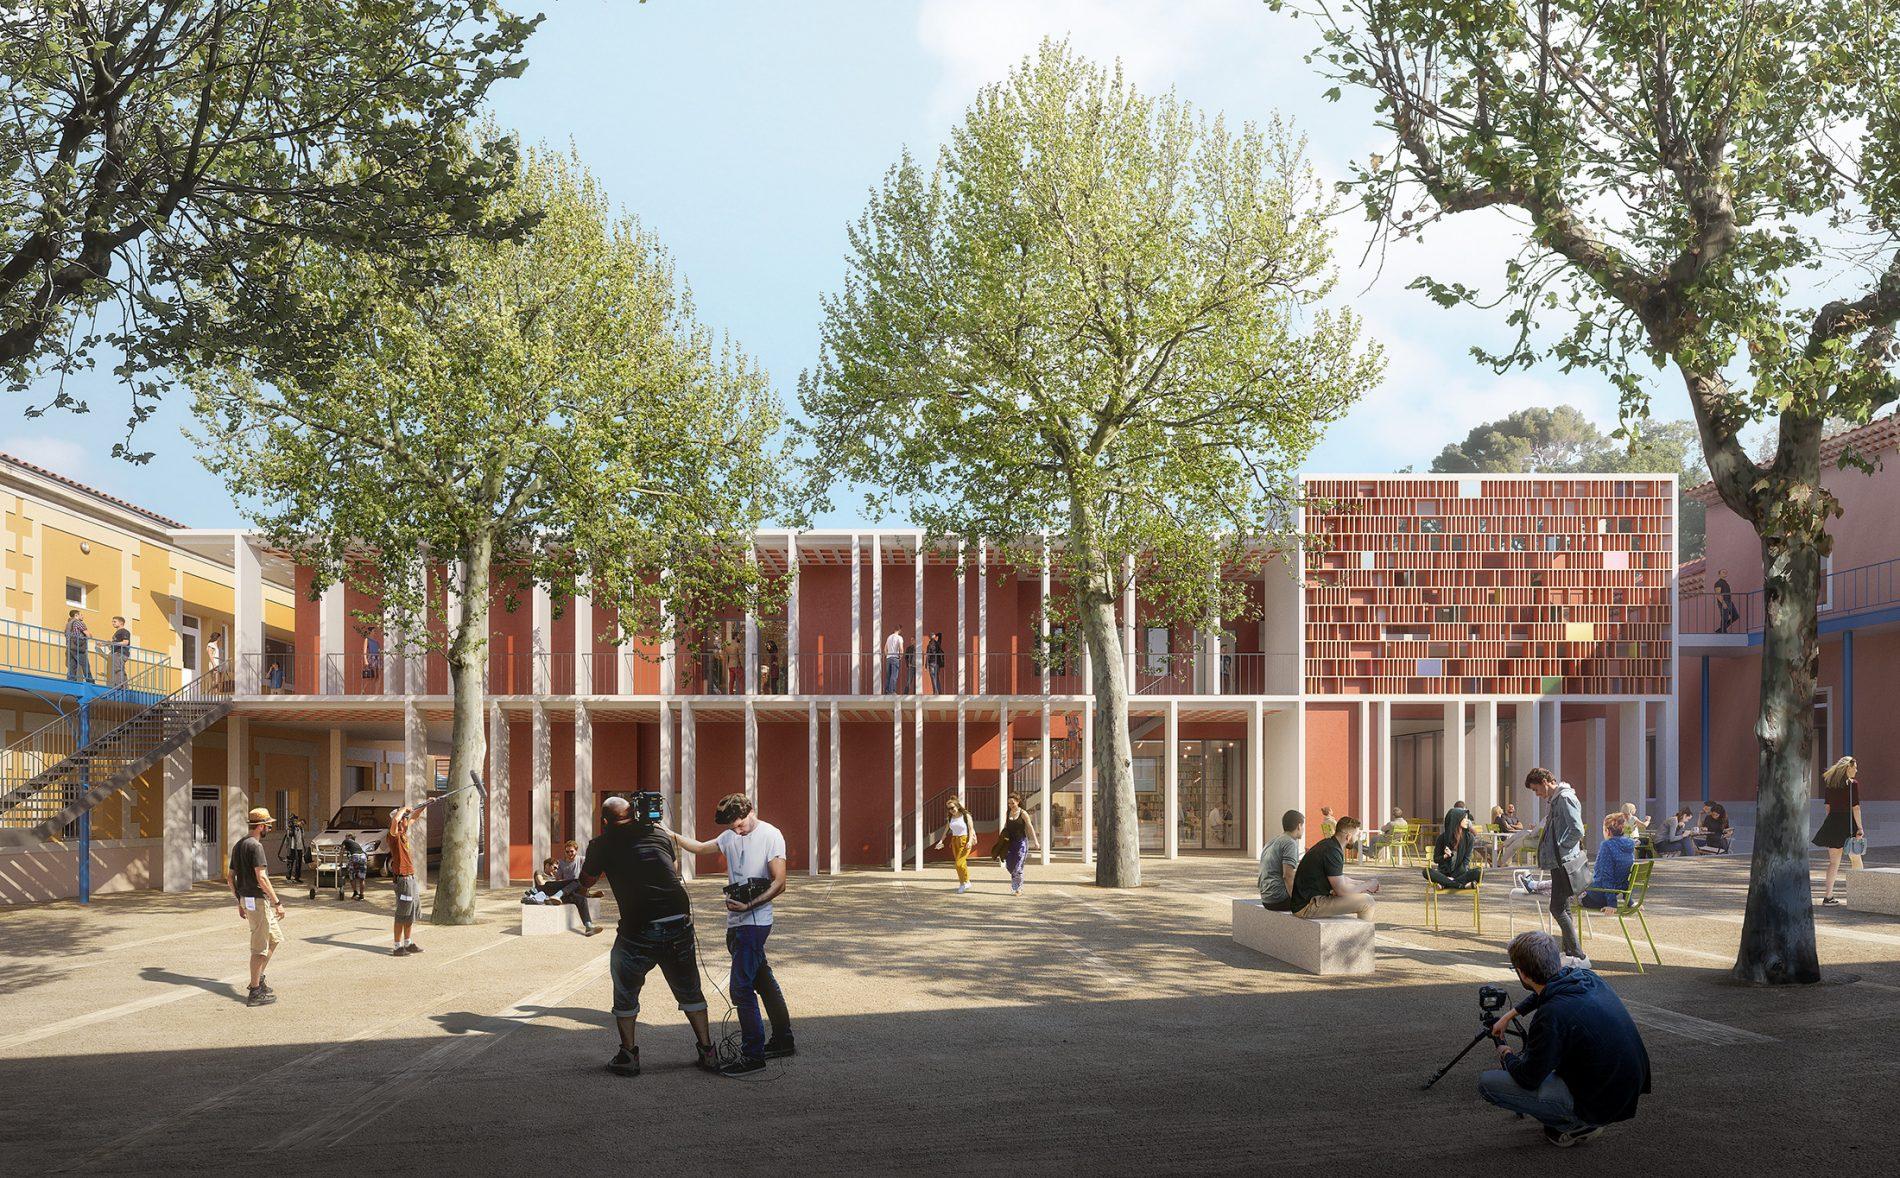 Image de concours d'architecture de l'extension du Satis, blanche et couleur brique